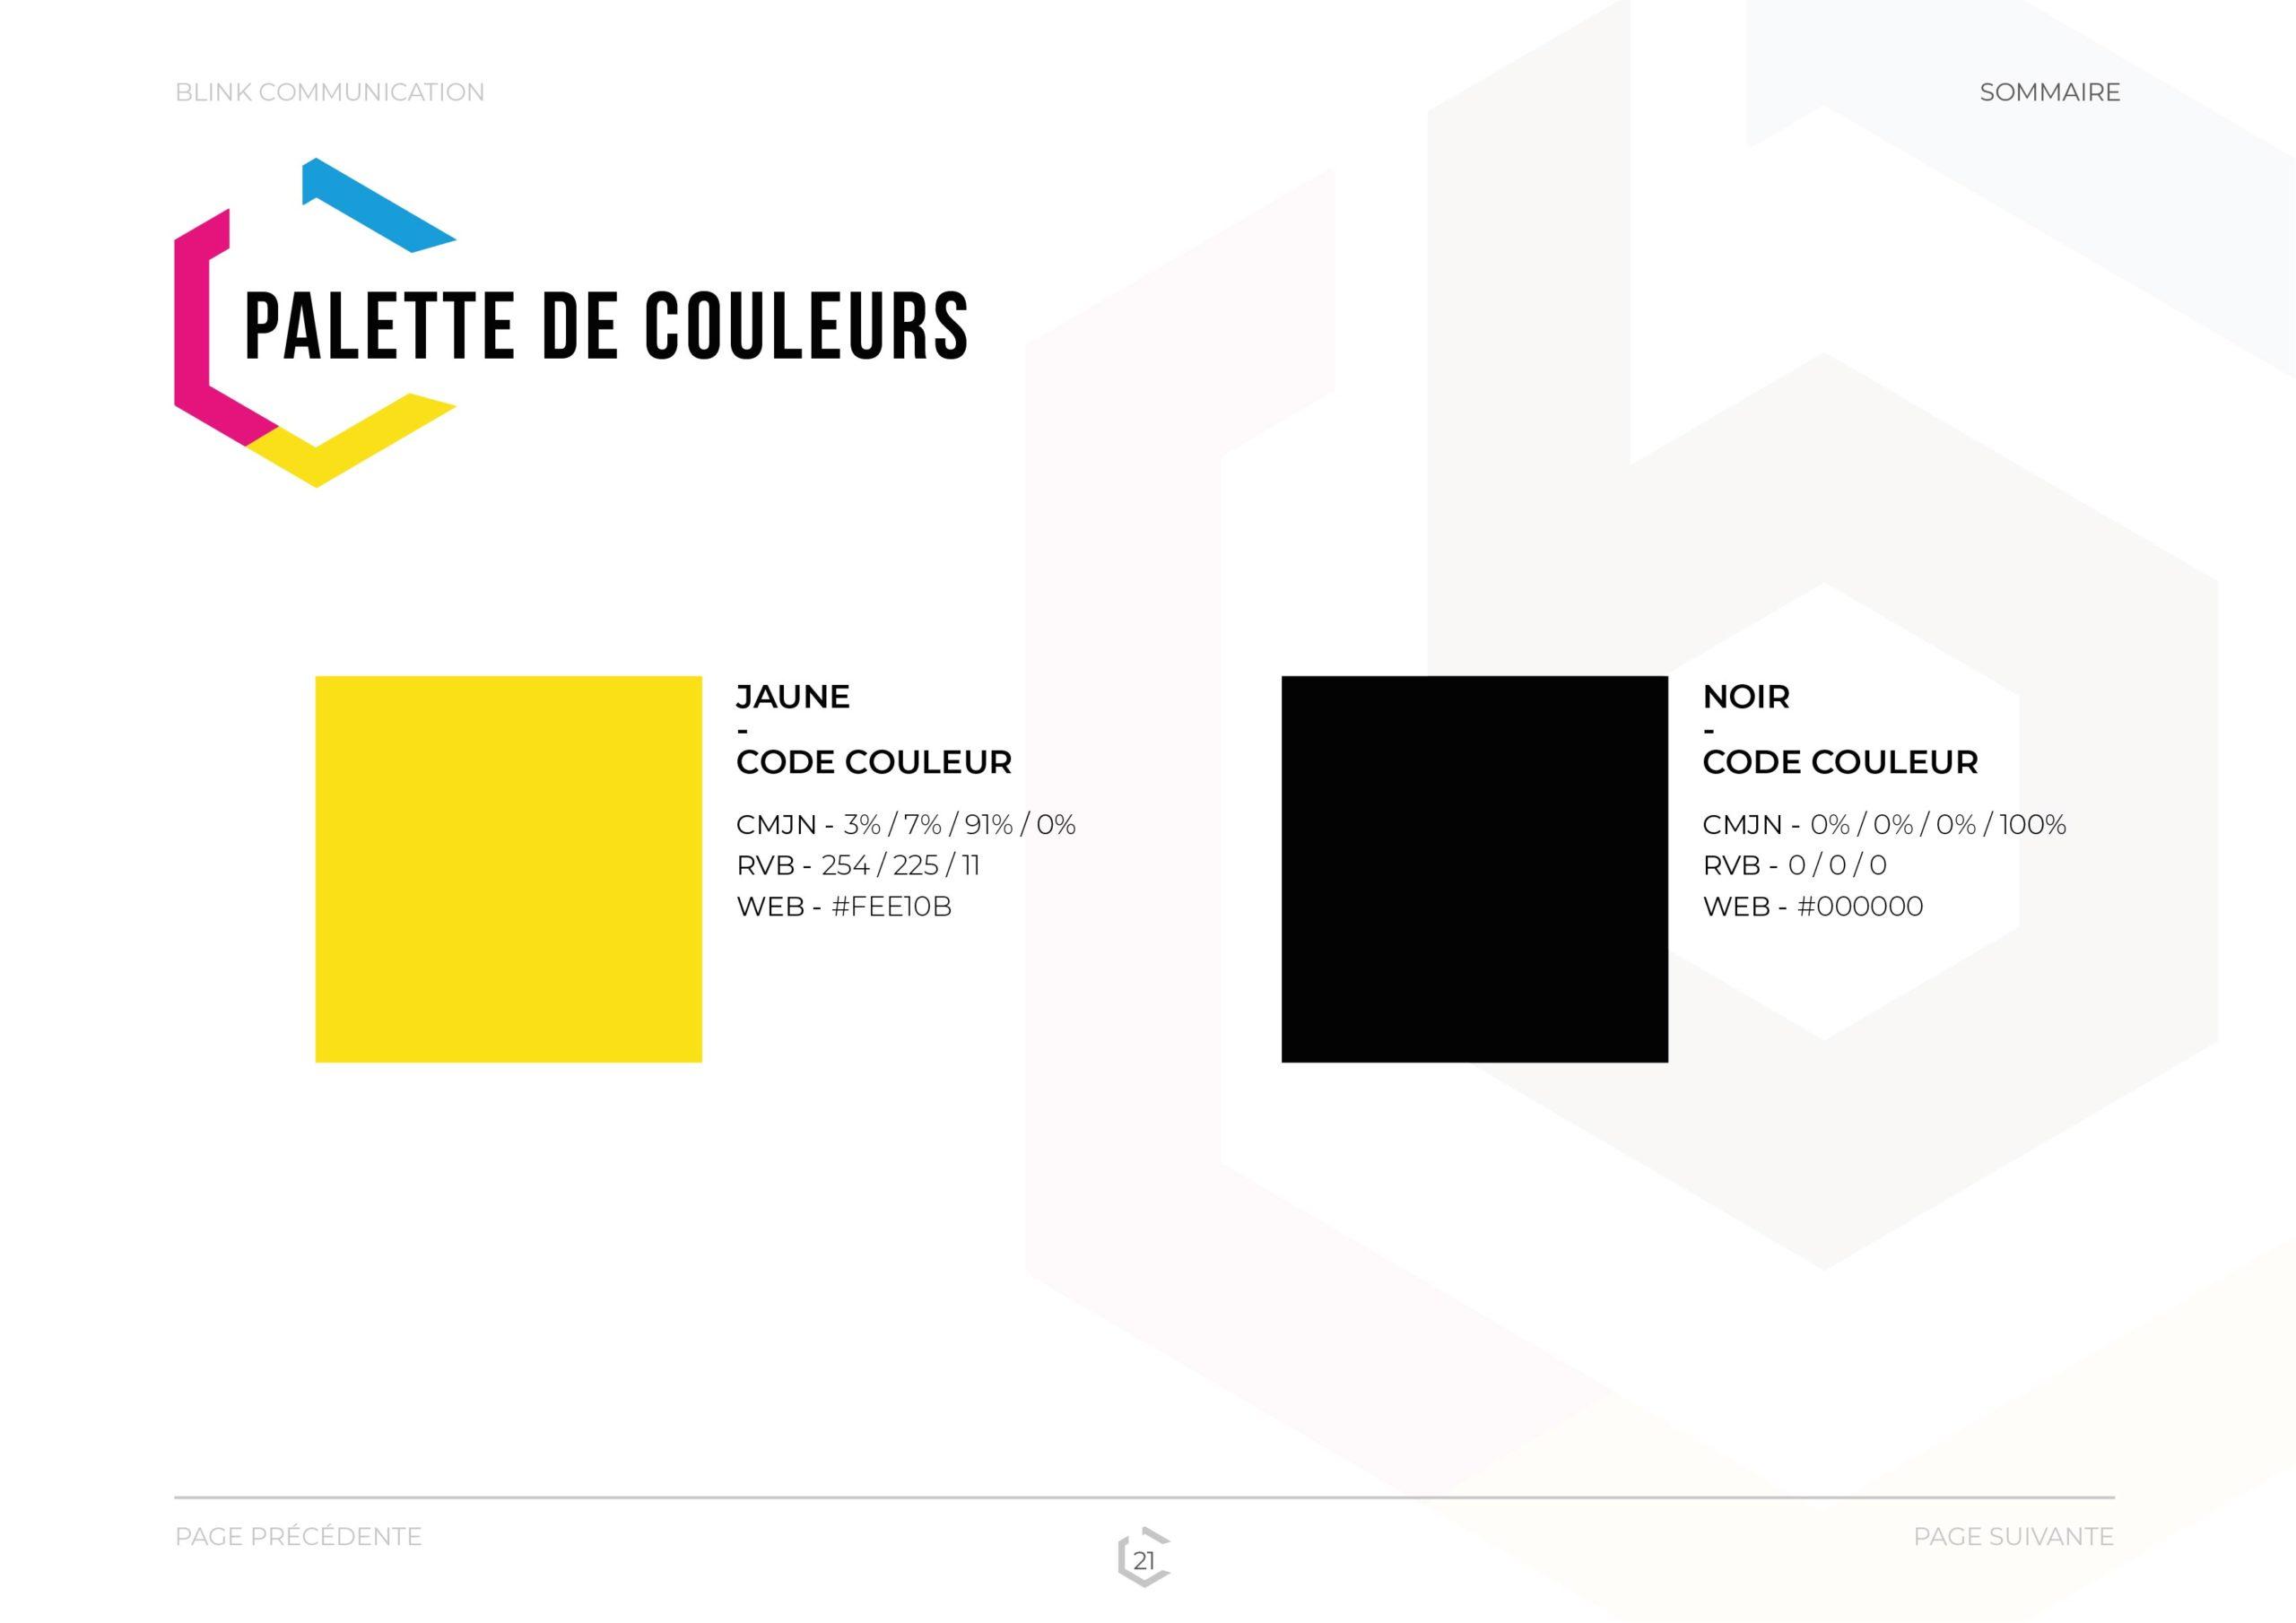 CG - Les couleurs